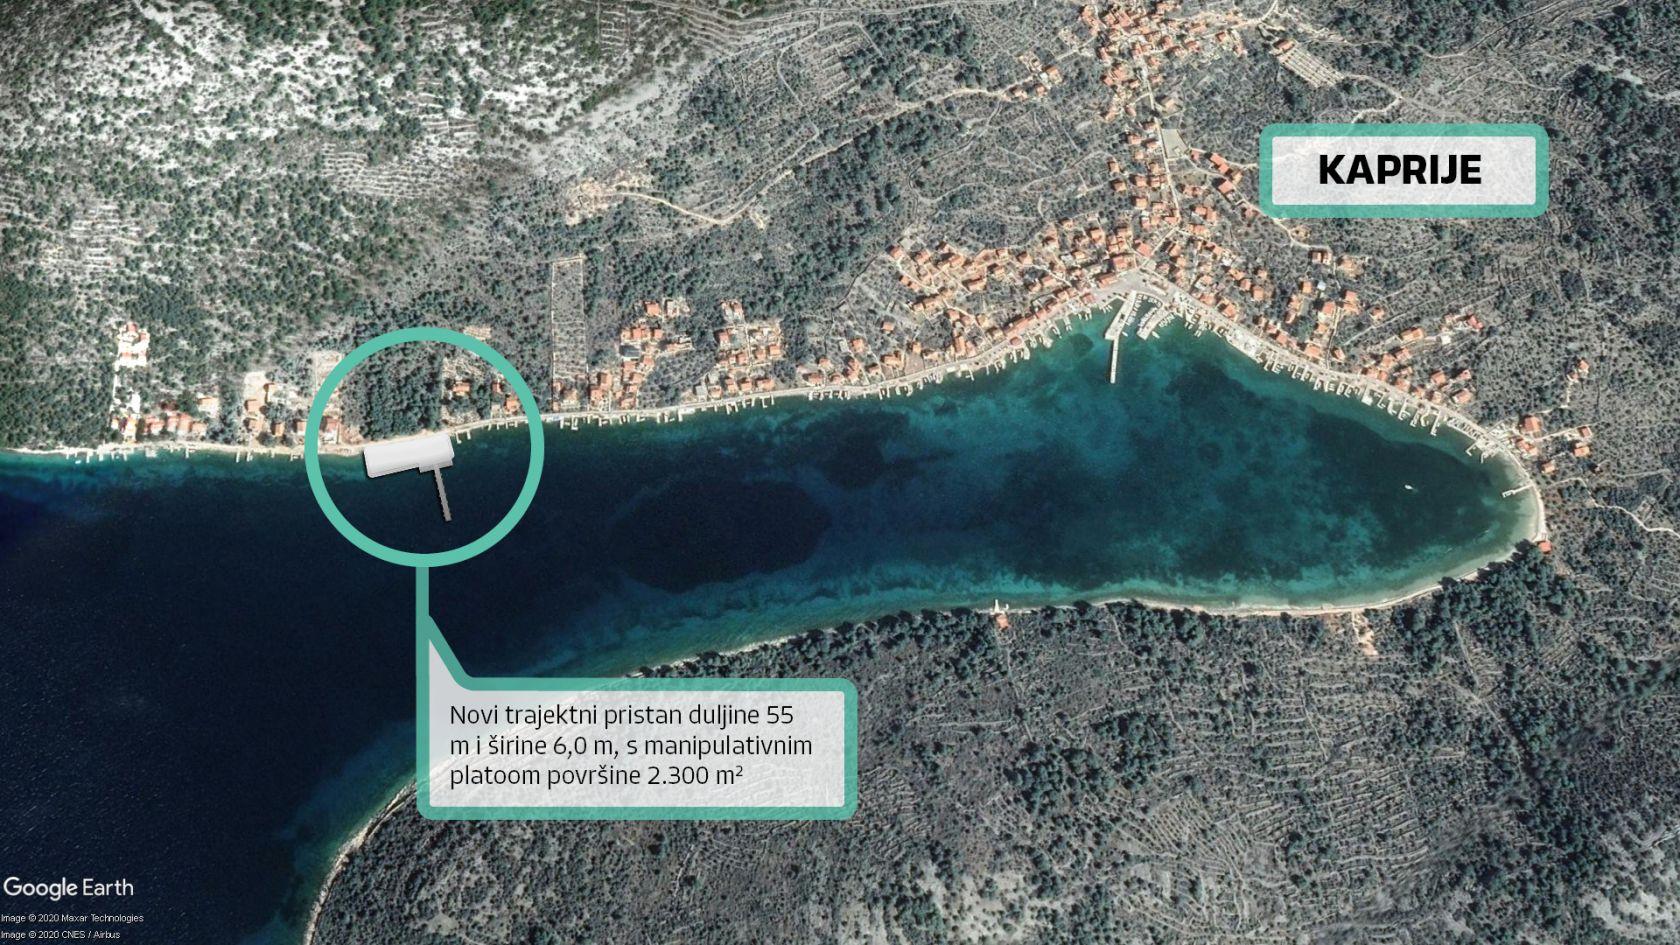 Novi trajektni pristan na Kapriju omogućit će bolje veze prema udaljenim otocima